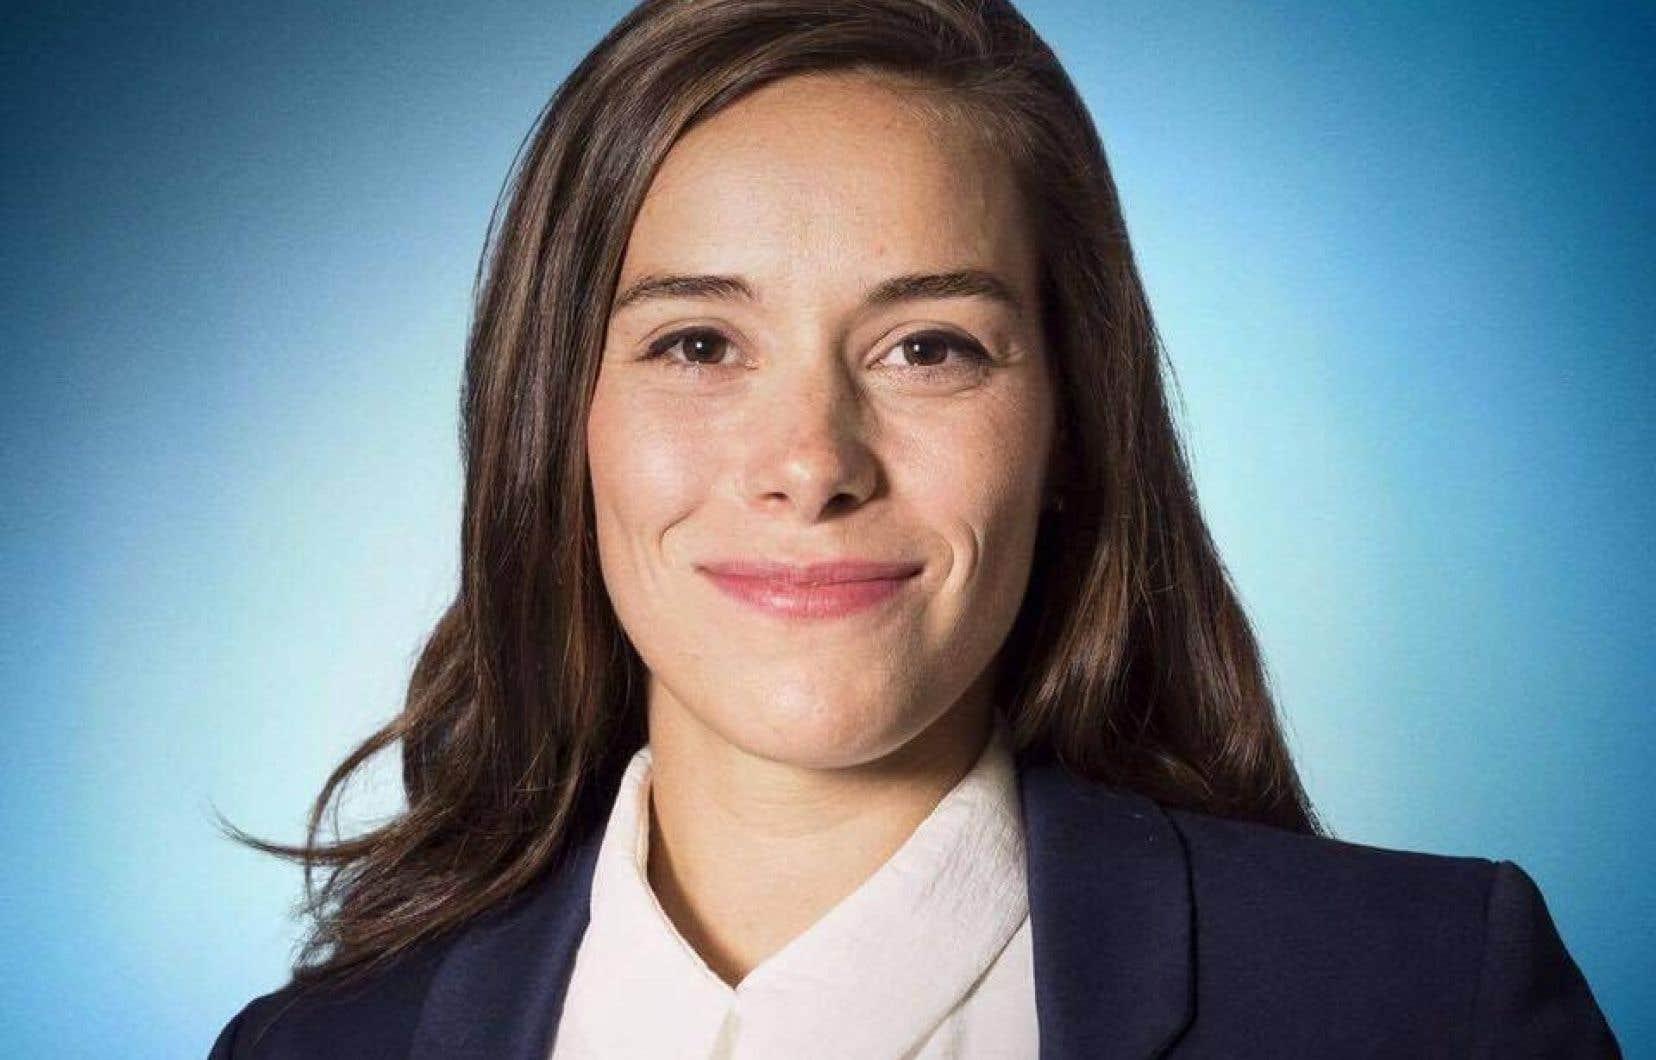 Le mois dernier, Laurence Lavigne Lalonde avait fait savoir qu'elle ne solliciterait pas un autre mandat comme conseillère deMaisonneuve–Longue-Pointe, qu'elle représente depuis 2013.